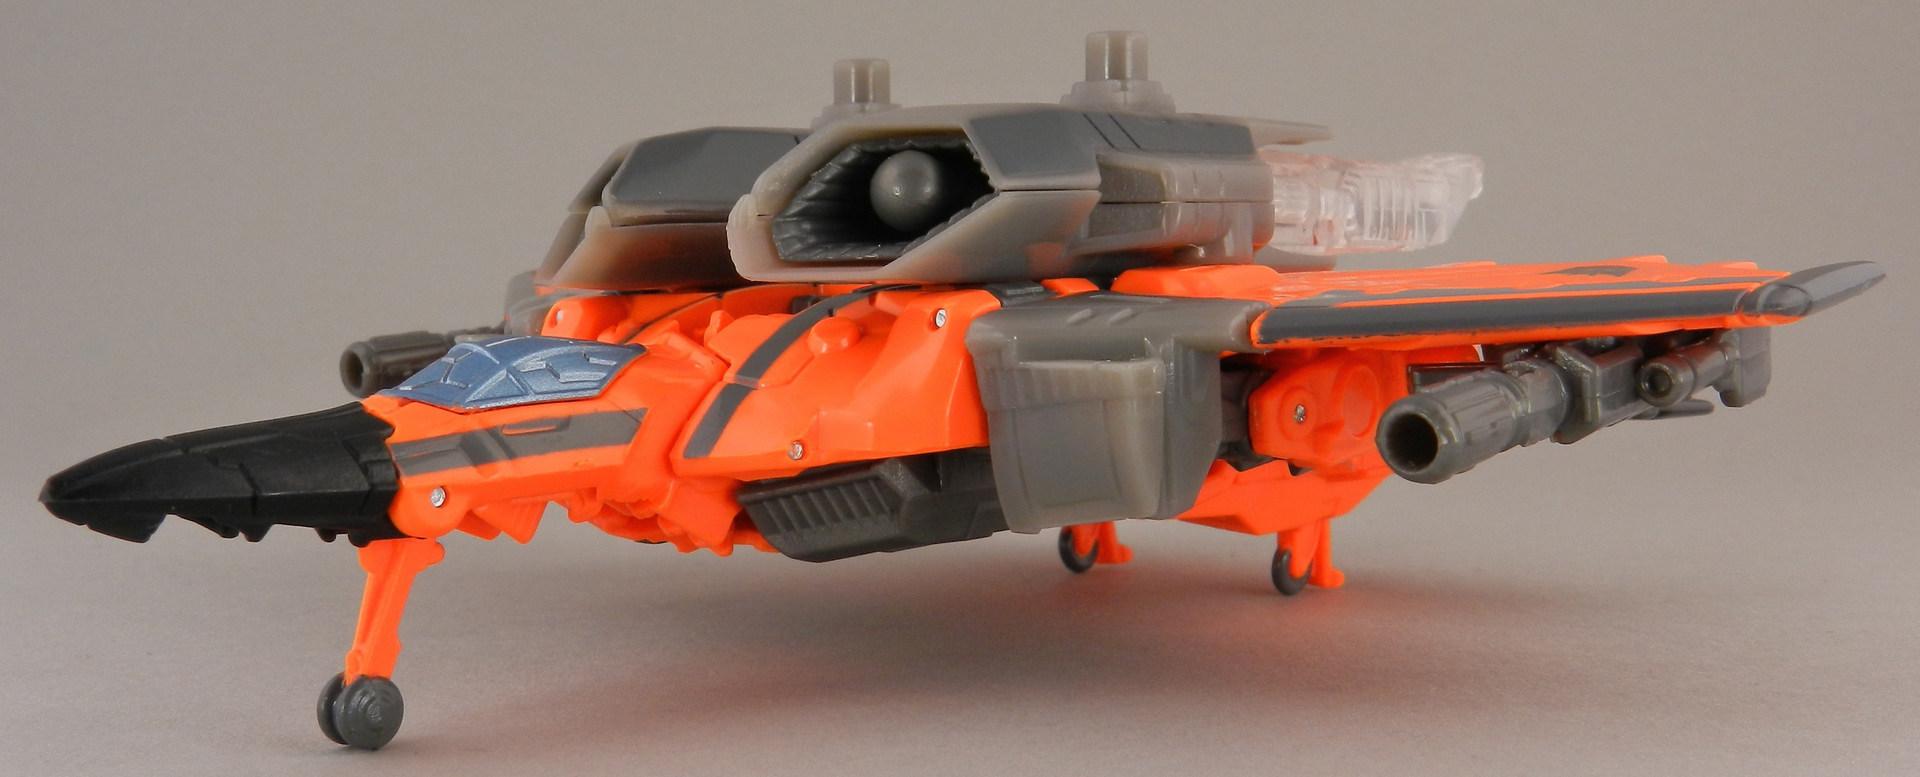 jhiaxus-jet-10-jpg